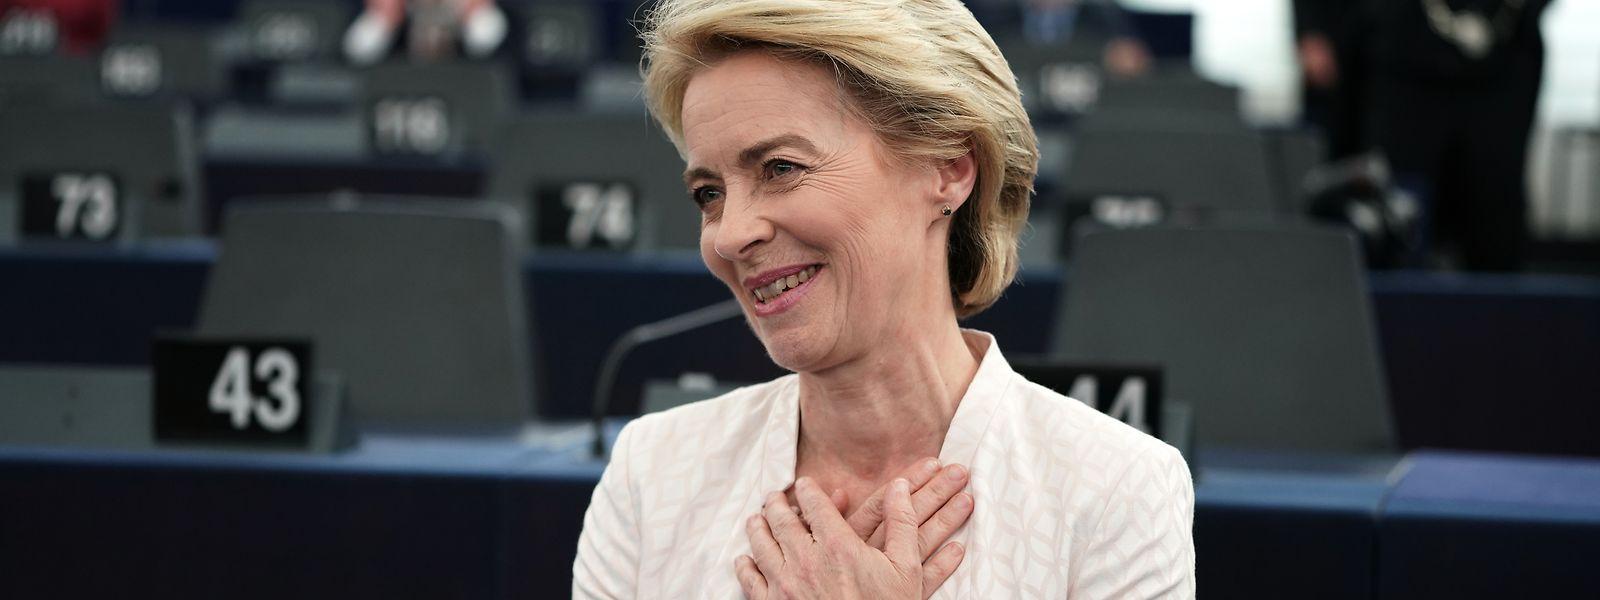 Ursula von der Leyen erreichte mit 383 Stimmen eine hauchdünne absolute Mehrheit.